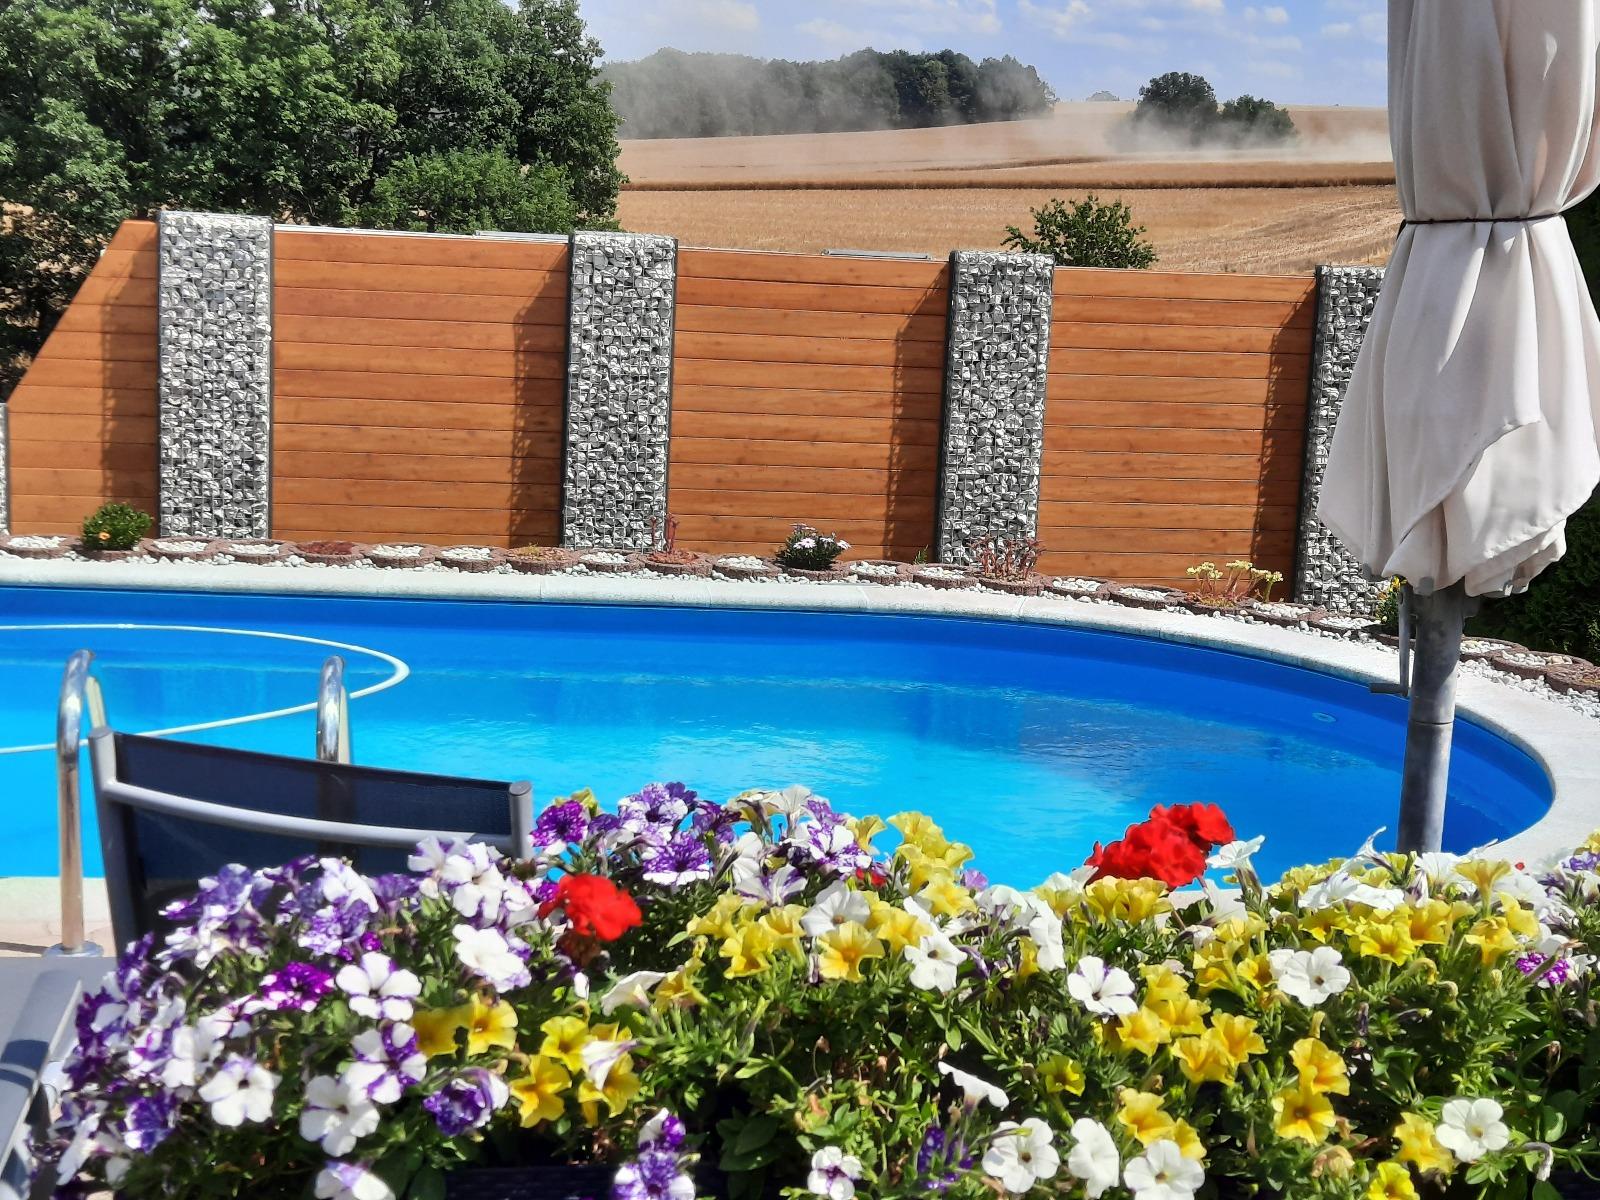 Schanskorf met Composiet bij Zwembad